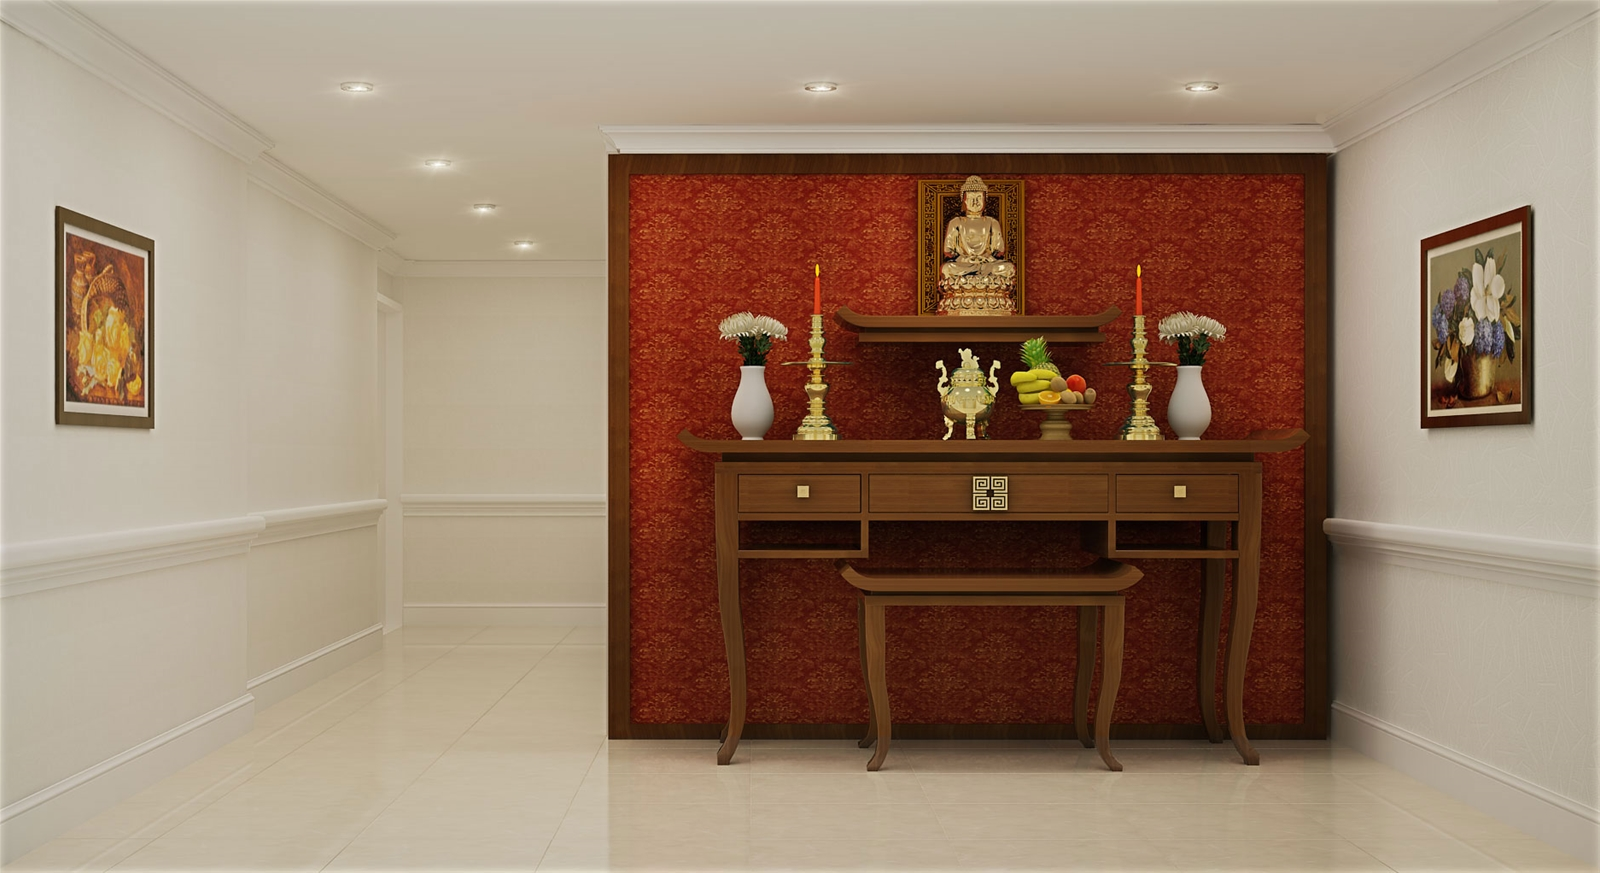 Hướng dẫn đặt vị trí bàn thờ trong căn hộ chung cư